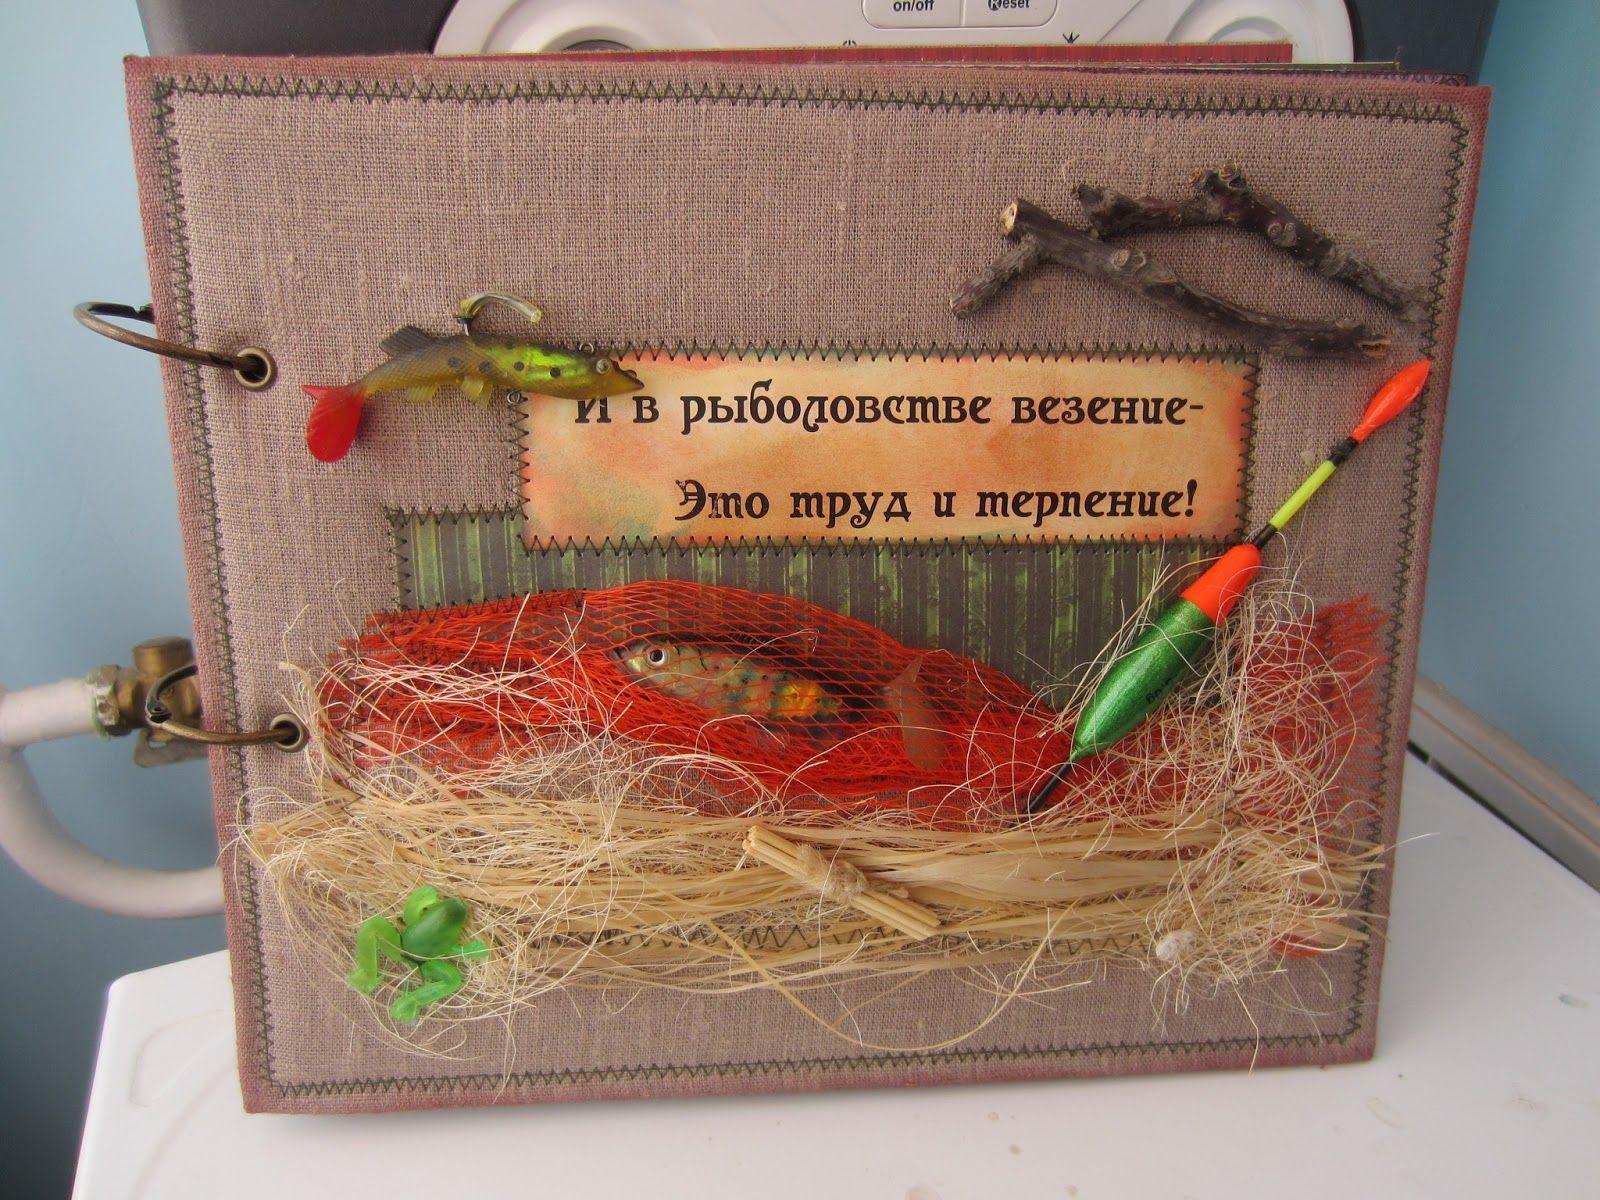 Необычные подарки для мужчины на день рождения своими руками фото 815